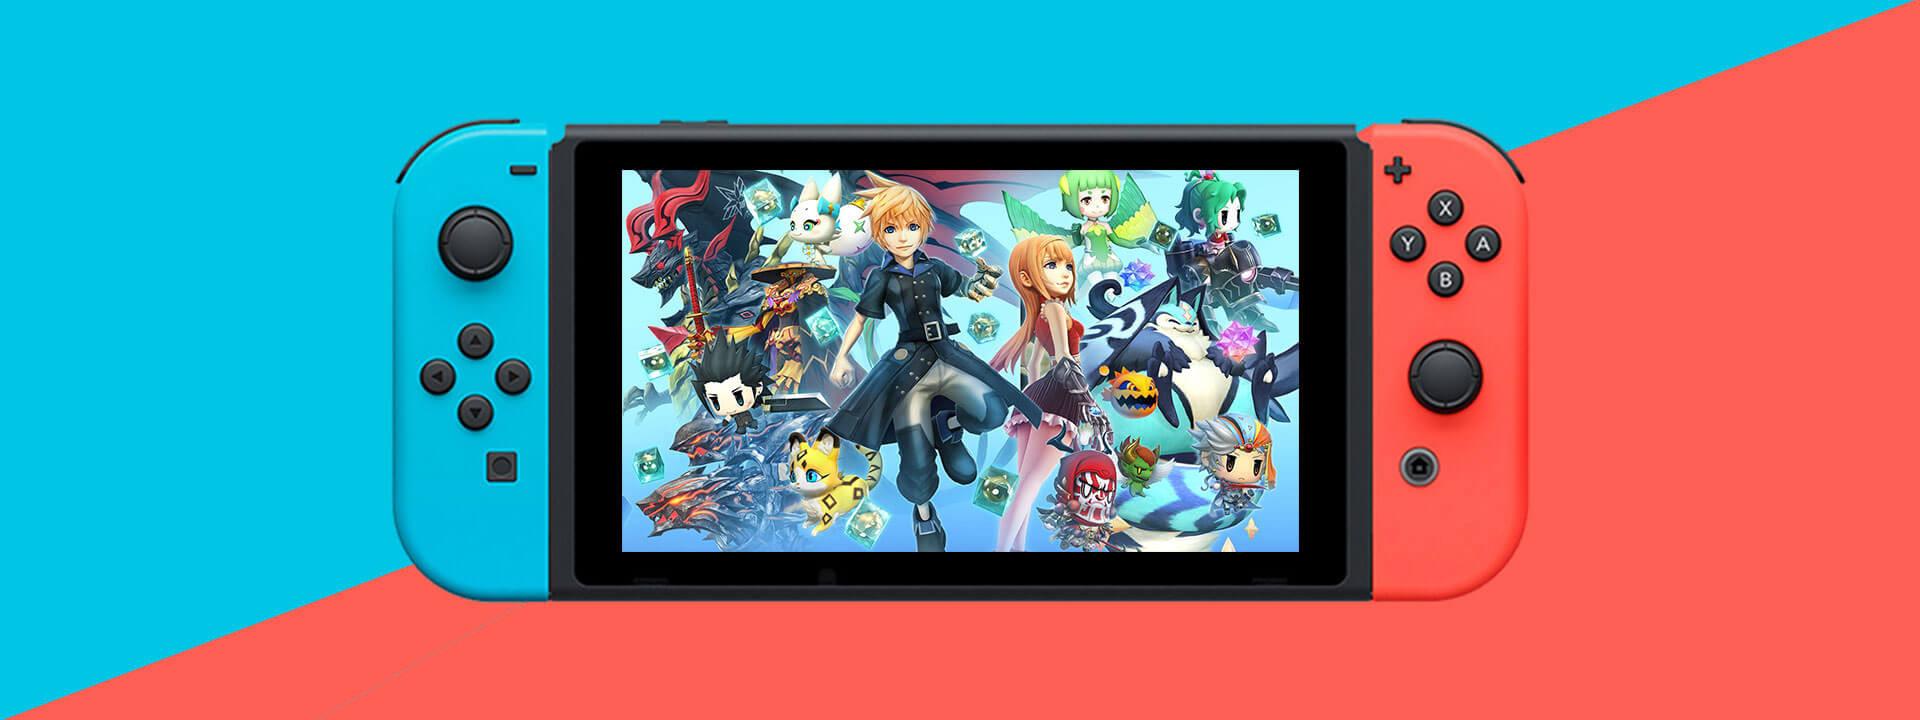 World of Final Fantasy Maxima 01 - بازی World of Final Fantasy Maxima مخصوص Nintendo Switch